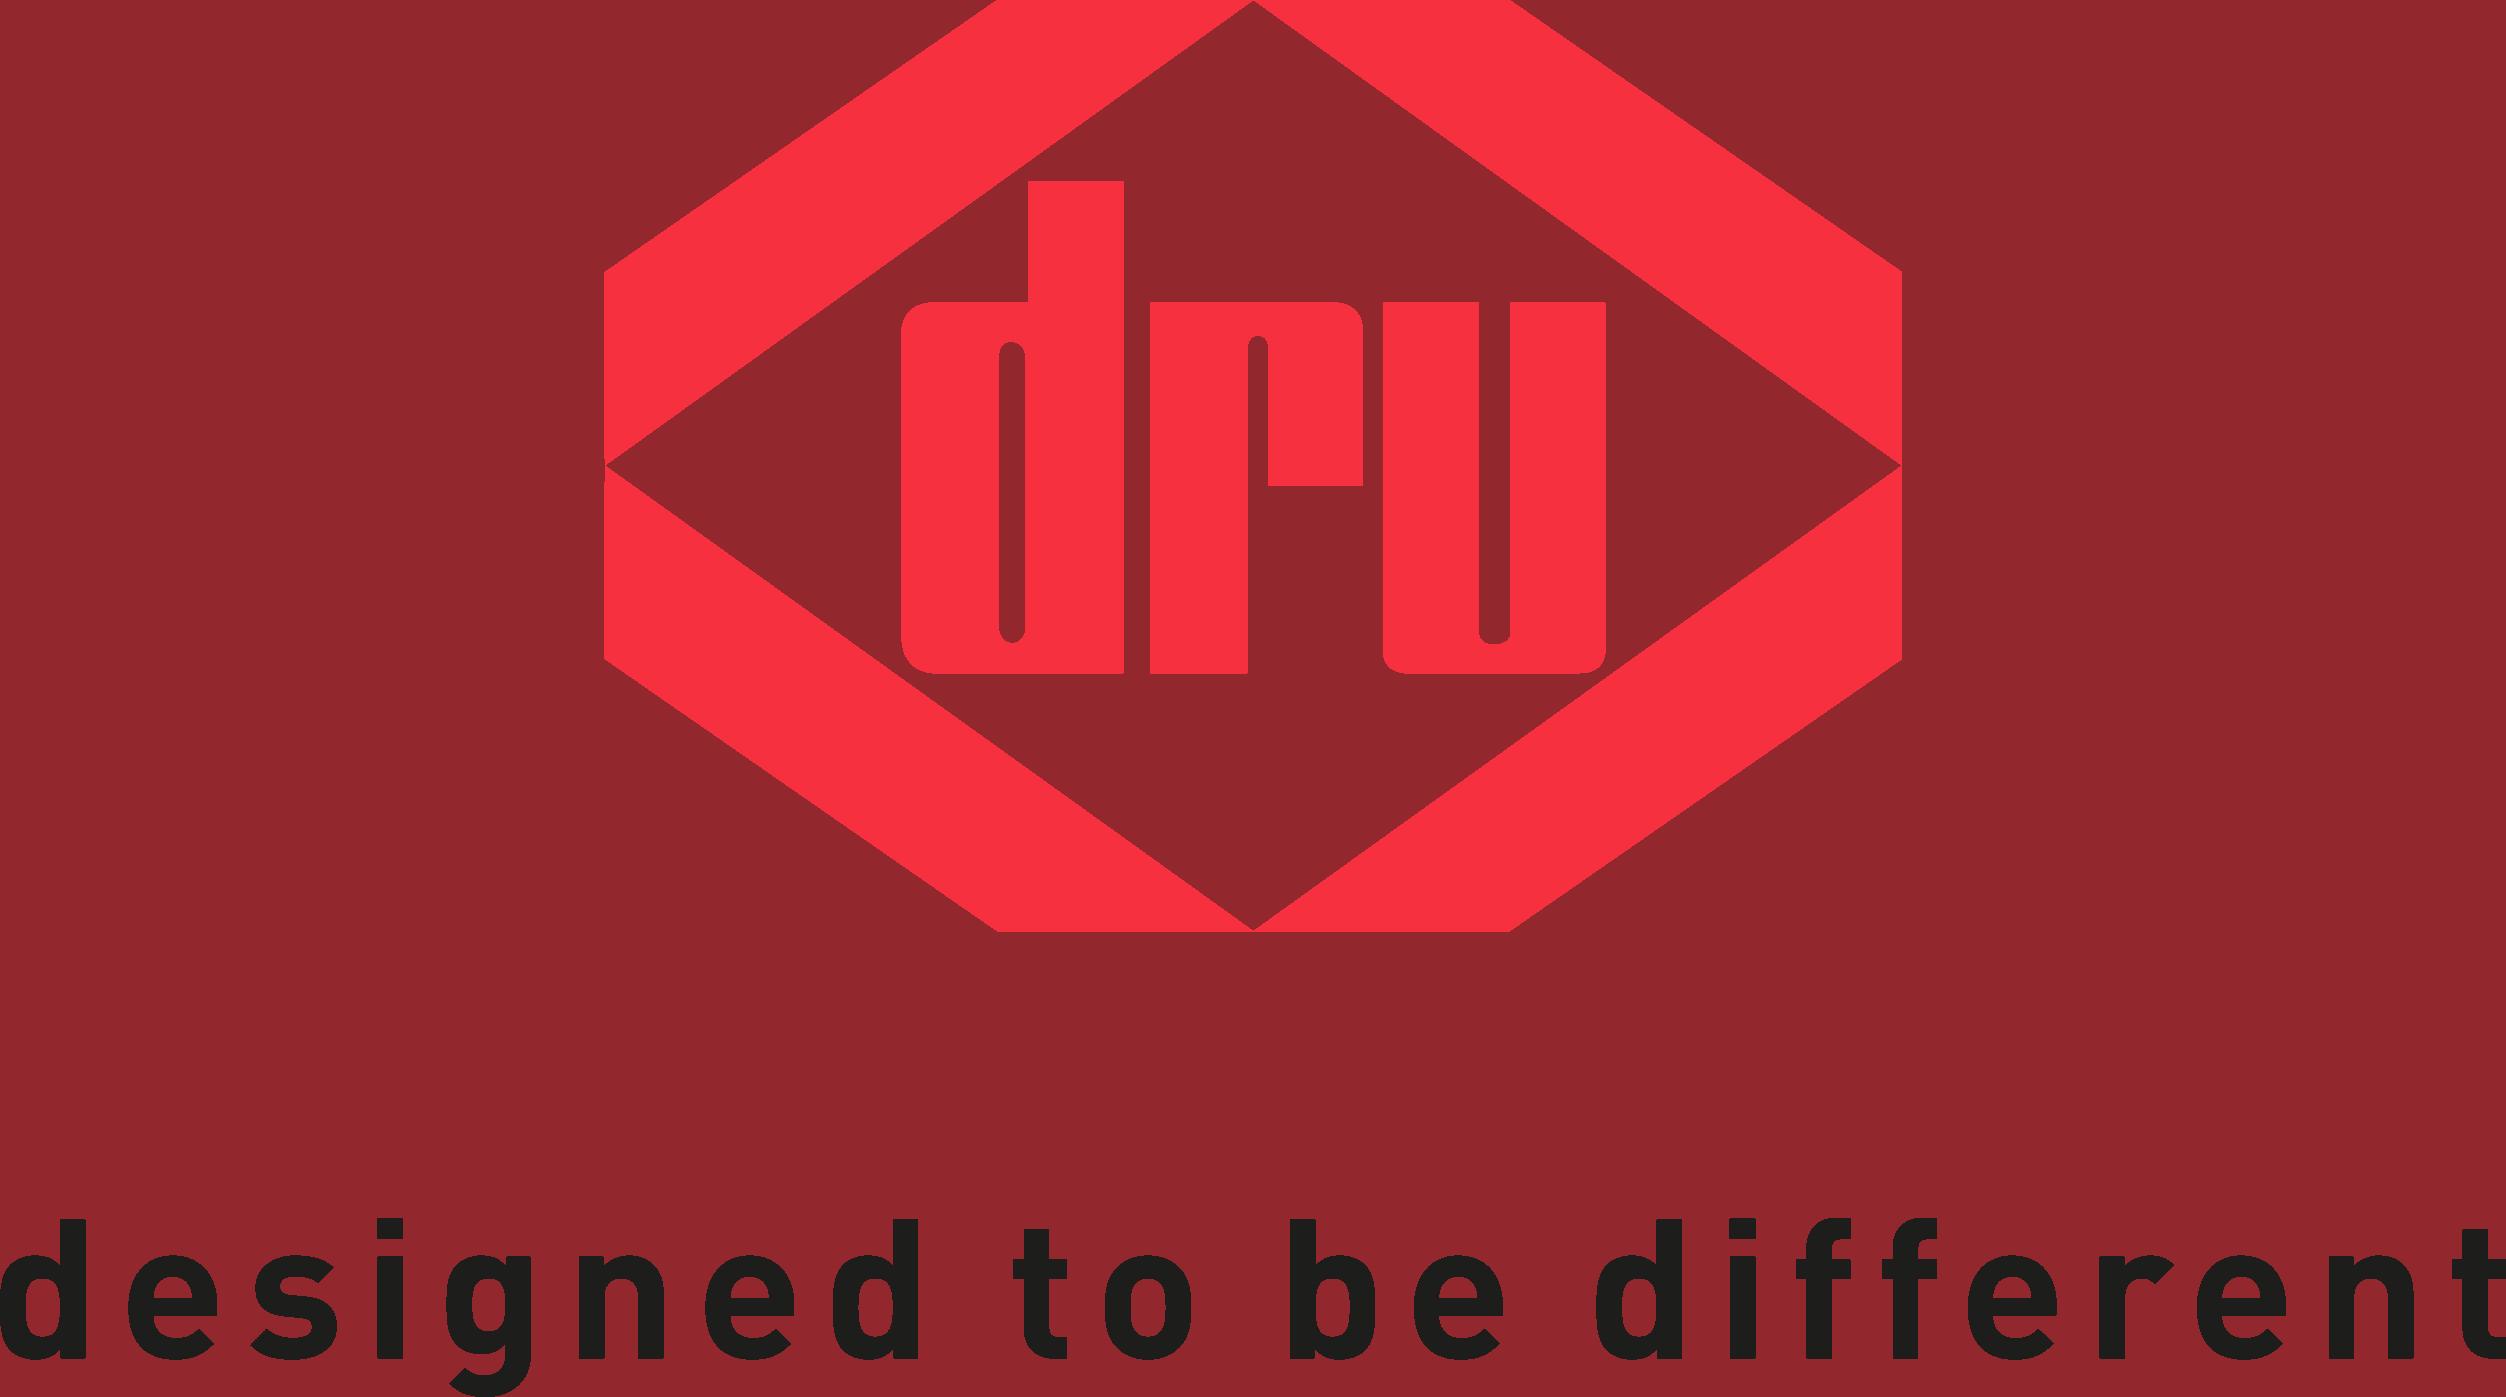 Dru stoves logo